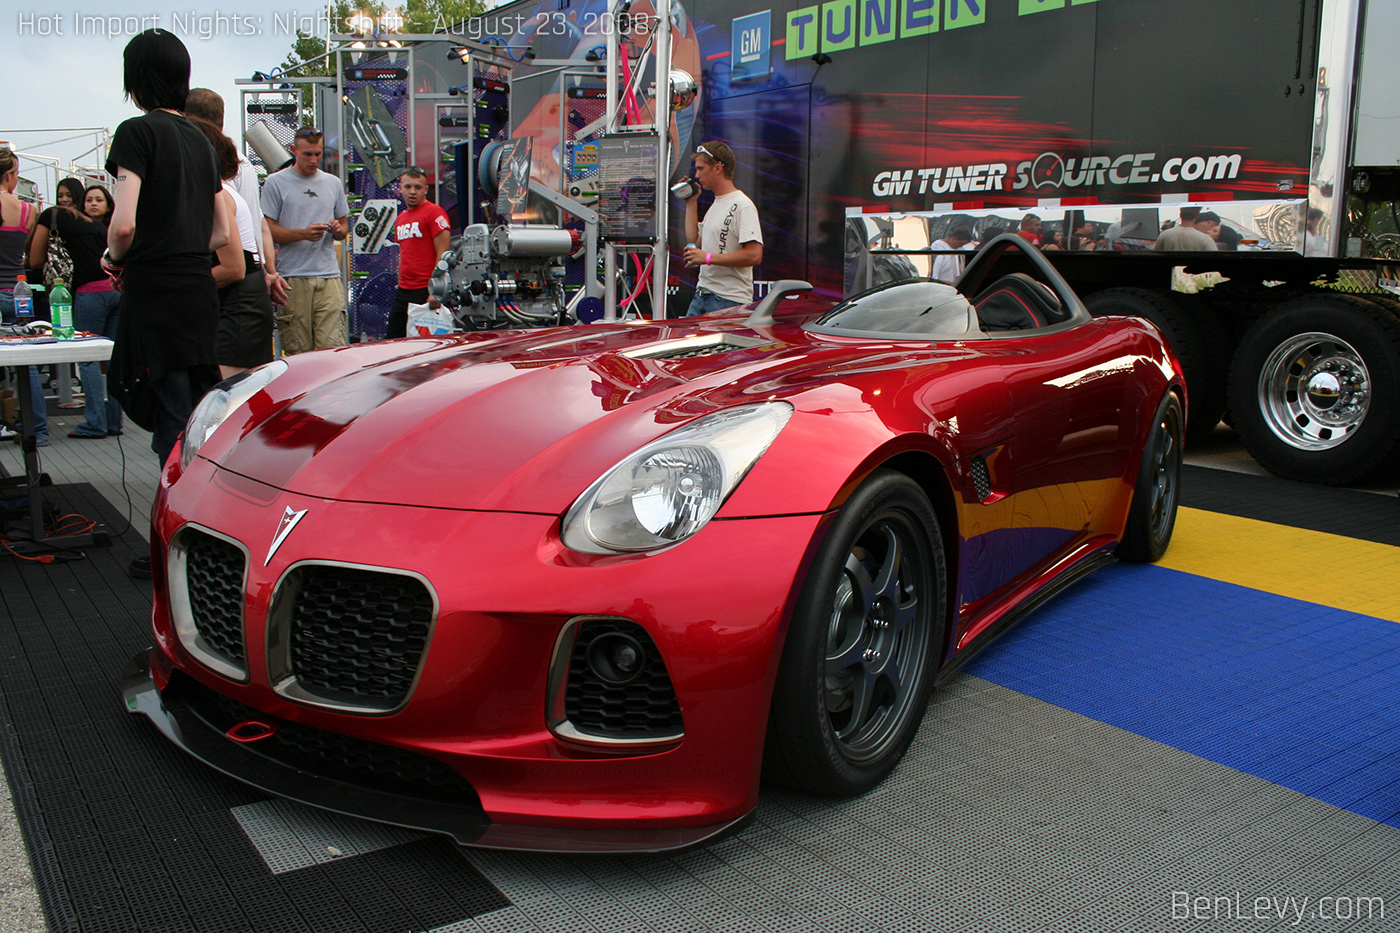 Pontiac Solstice Sd 290 Race Concept Benlevy Com